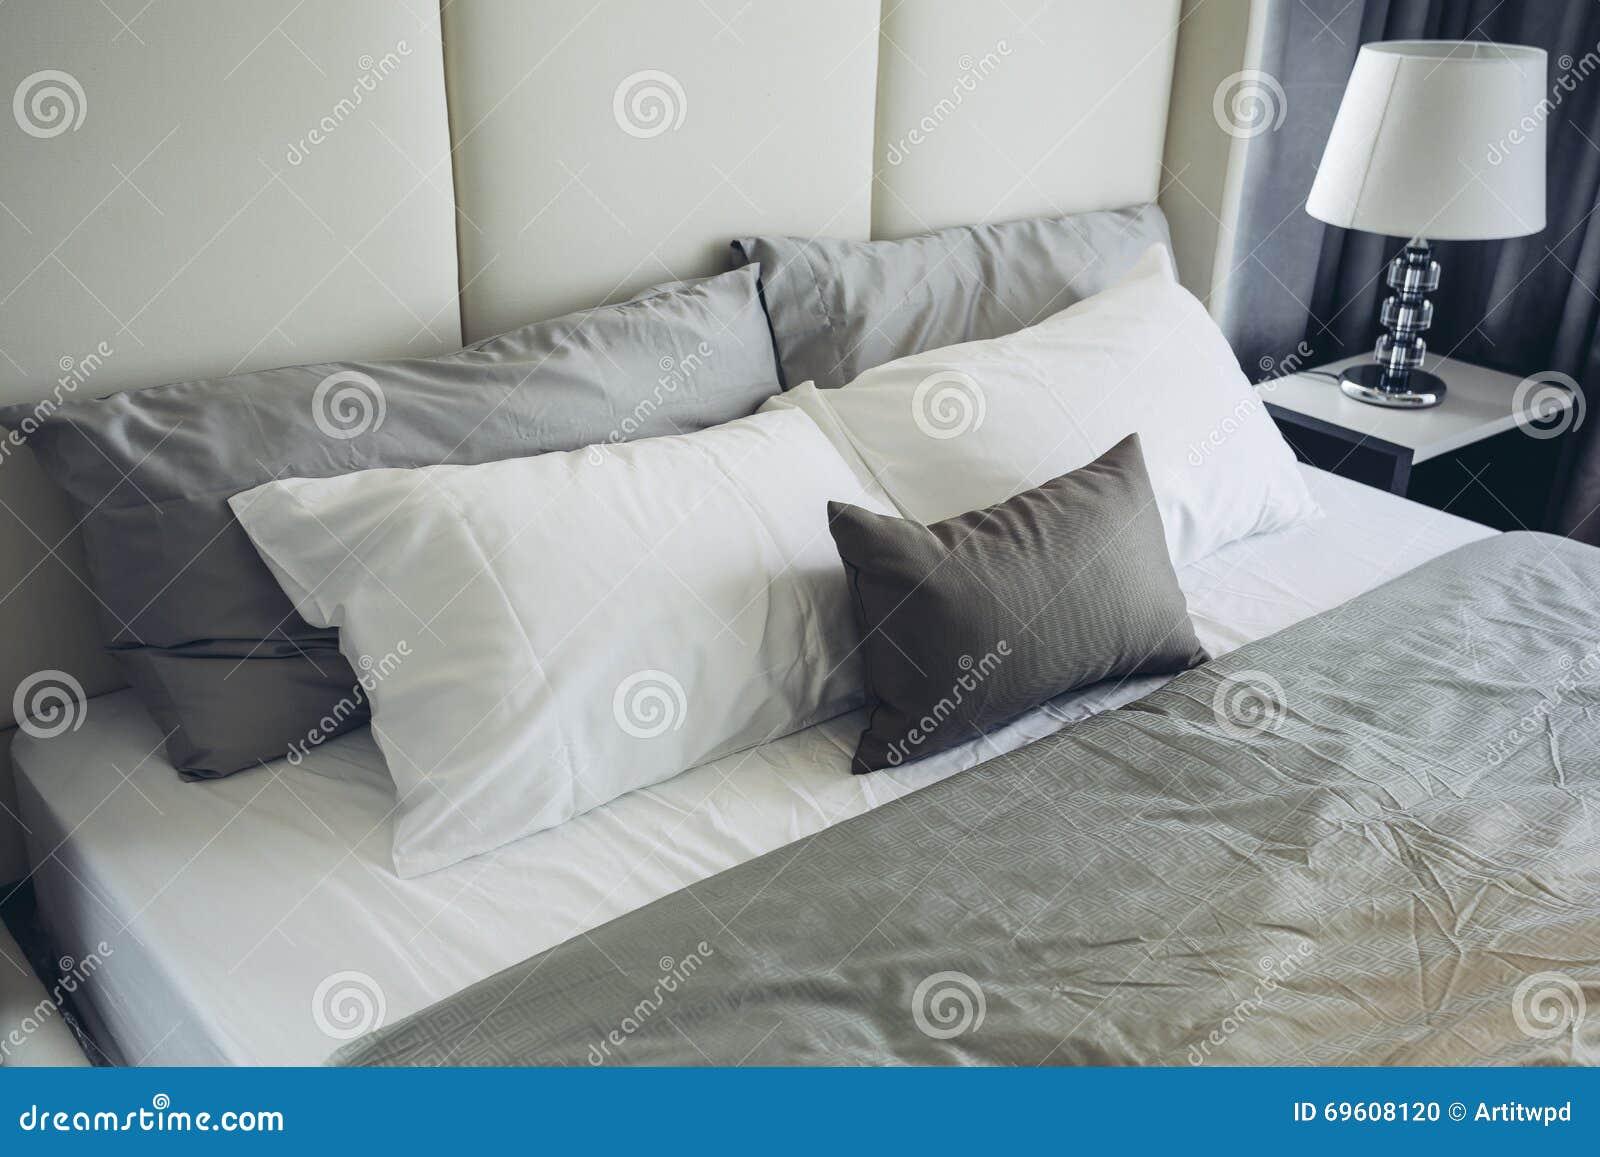 House di modello moderno italiano camera da letto grigia e bianca di combinazioni colori - Camera da letto grigia ...